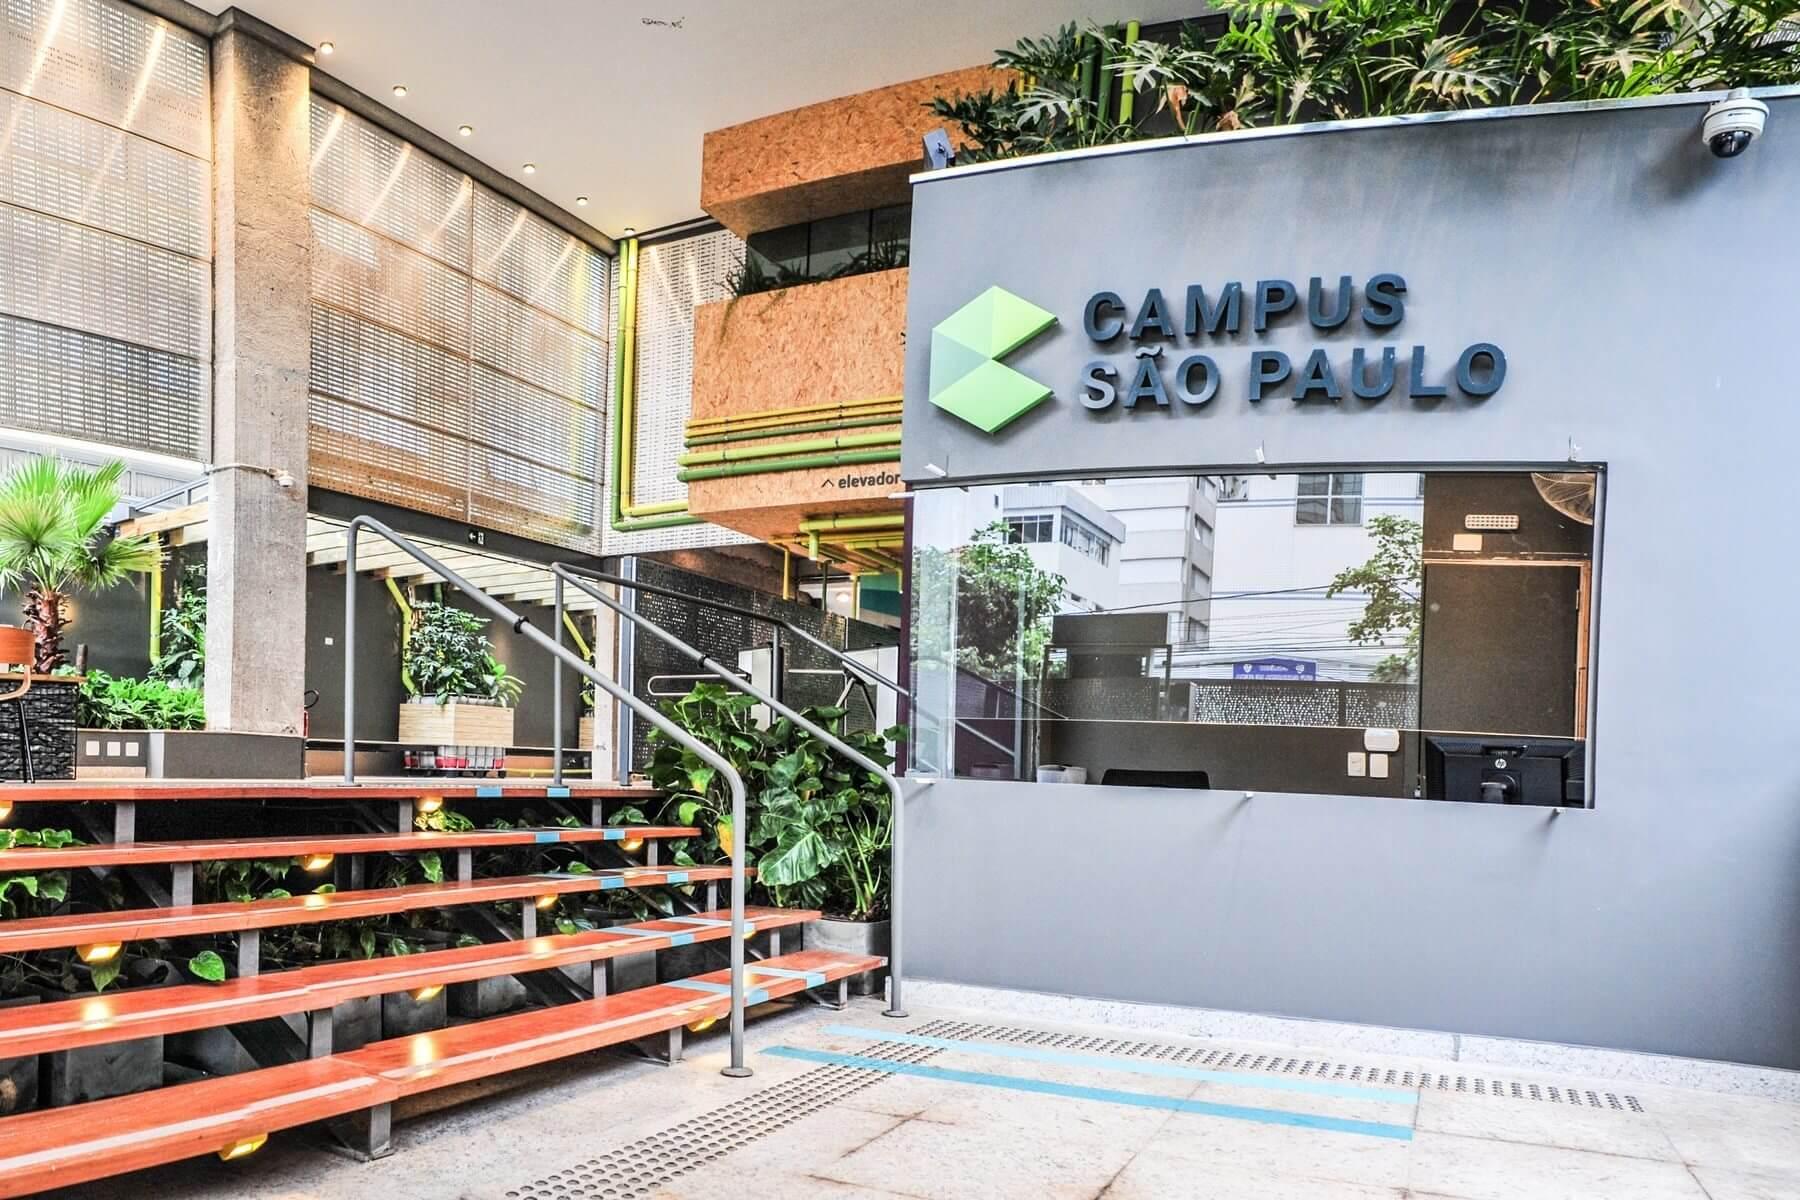 smt-Google-Campus-Recepção-02